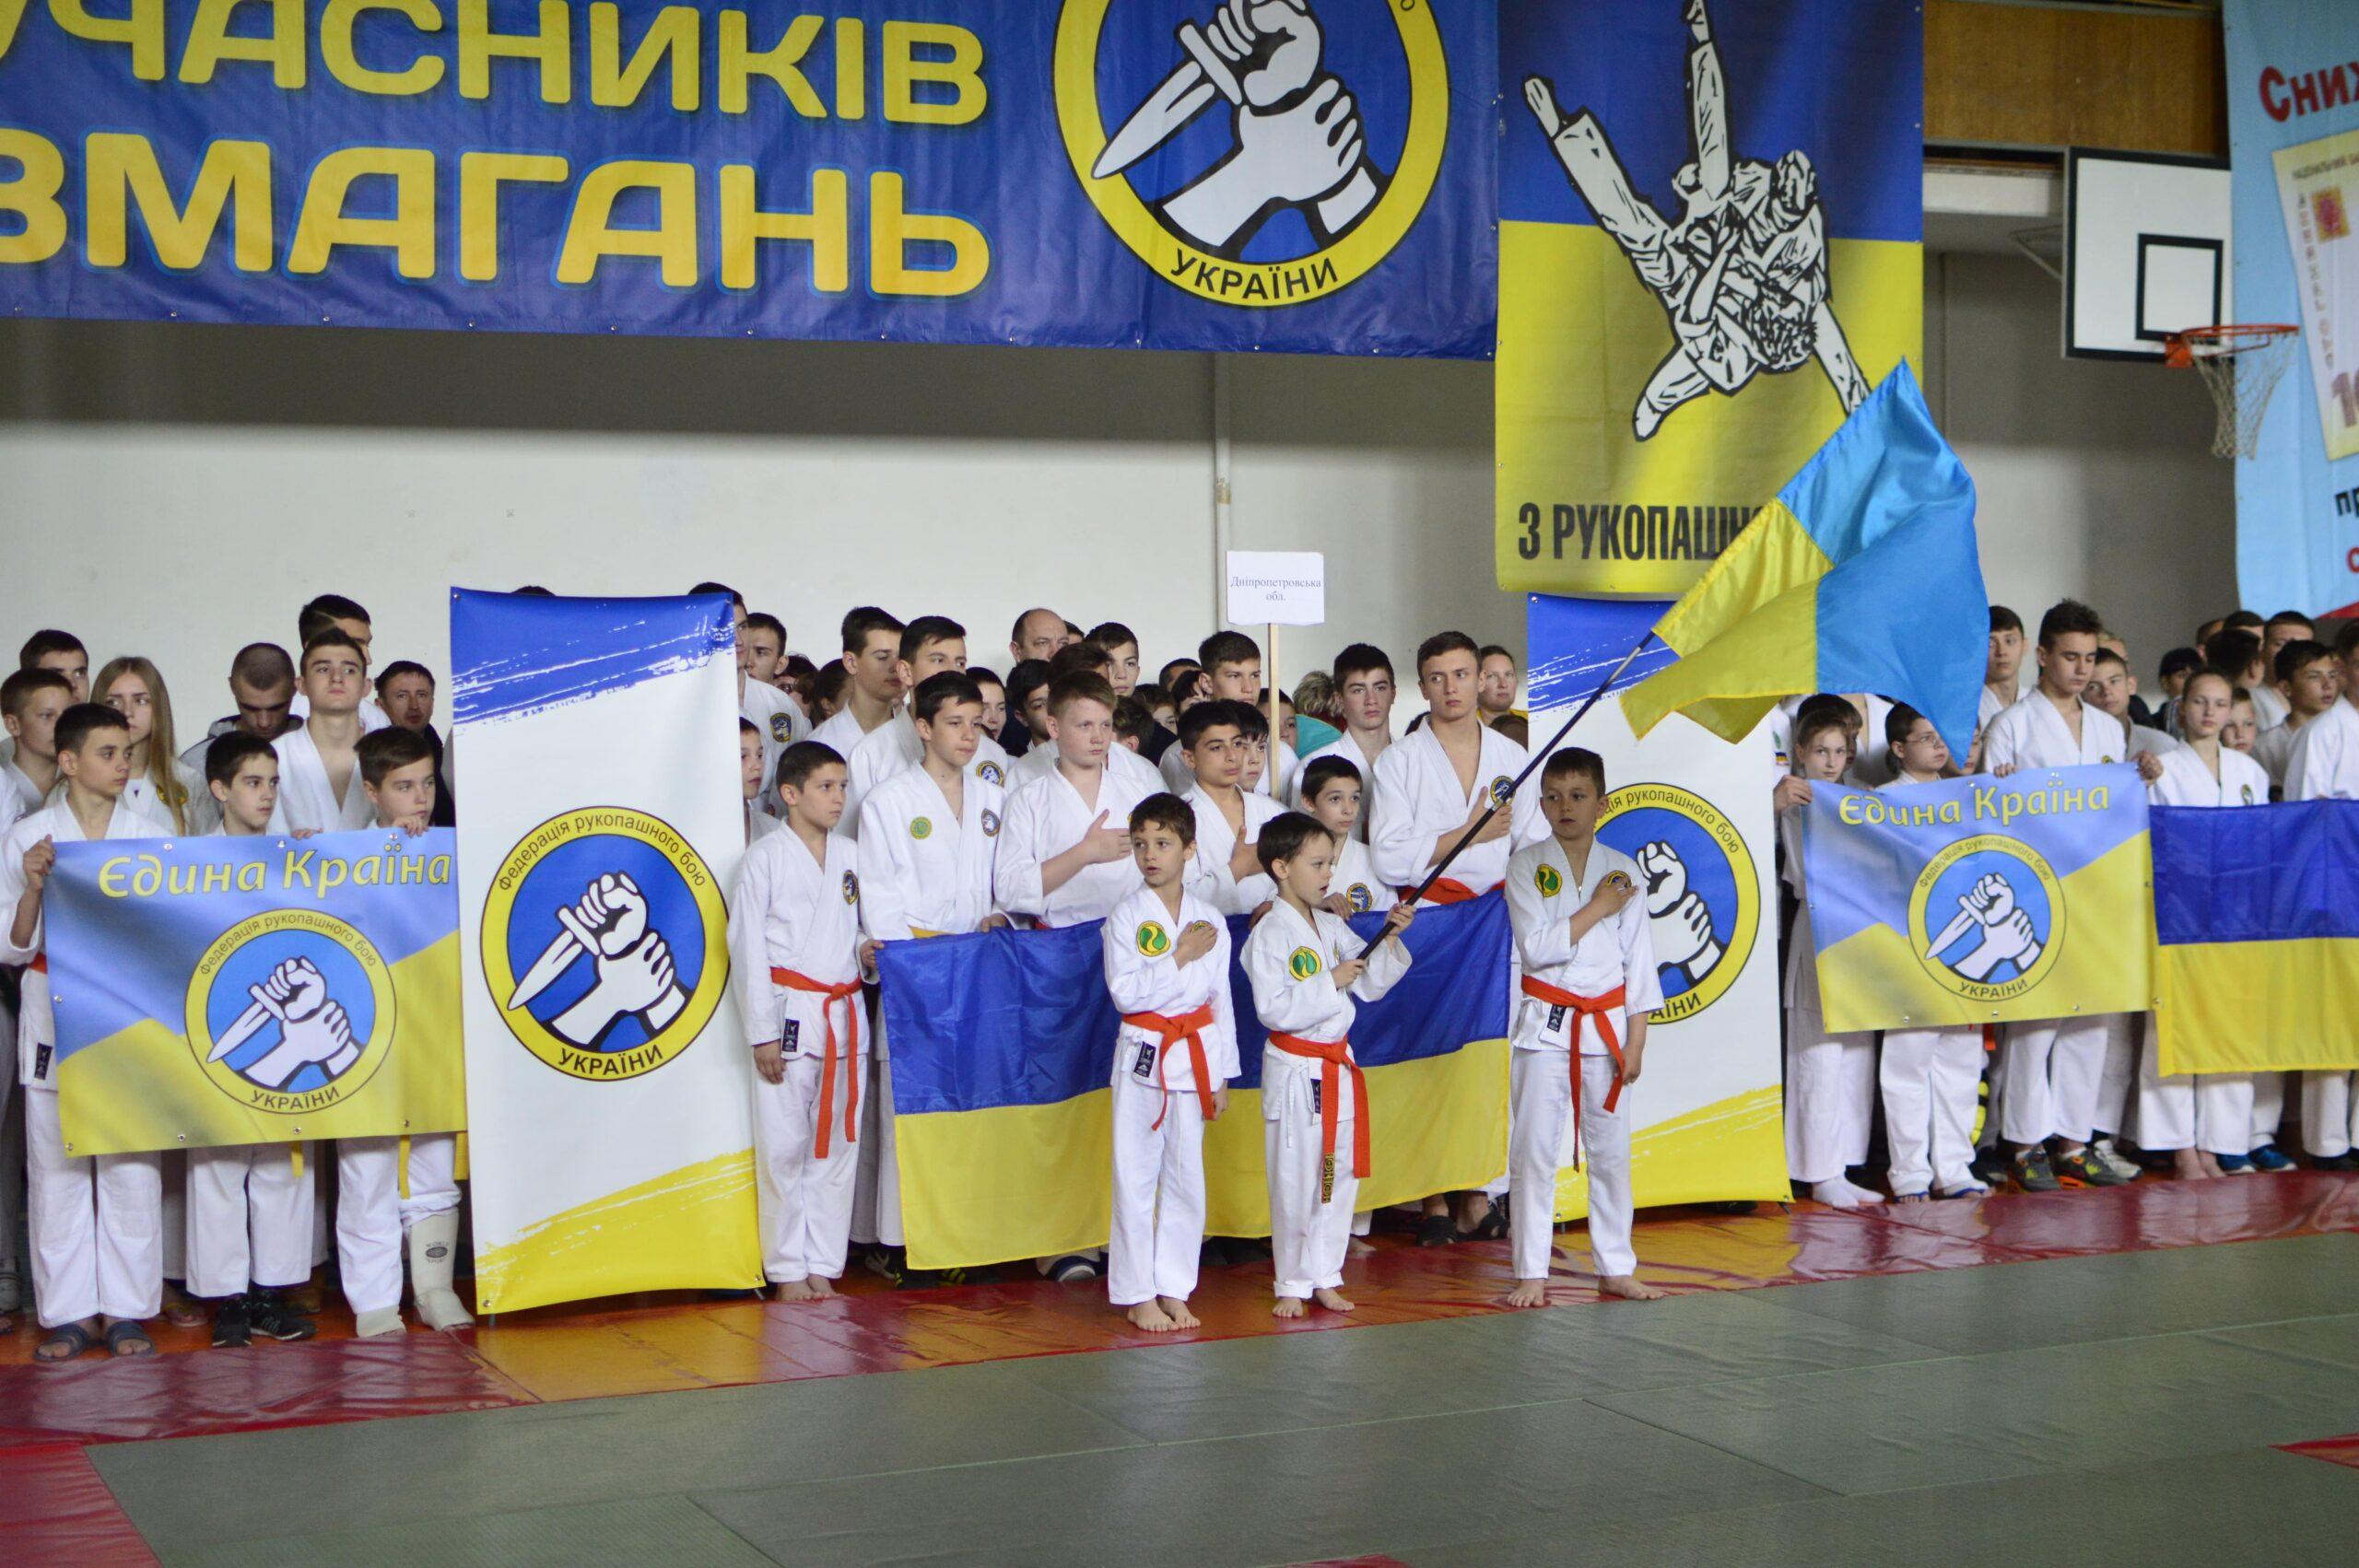 Чемпионат Украины среди детей и молодежи — 2016